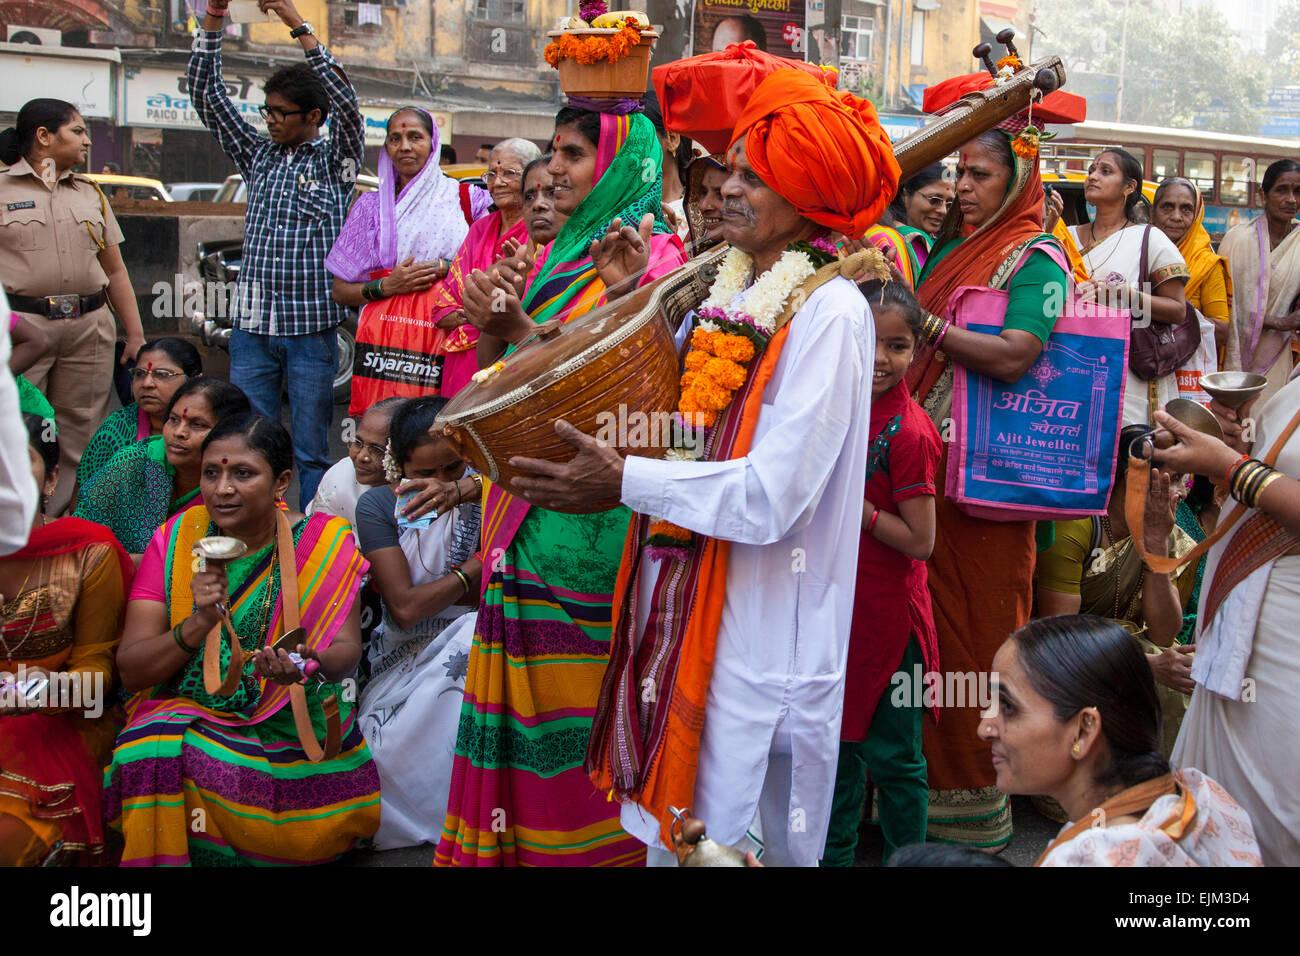 ein indischer Musiker spielen Laute zu einer Gruppe von Frauen in Mumbai, Indien Stockbild